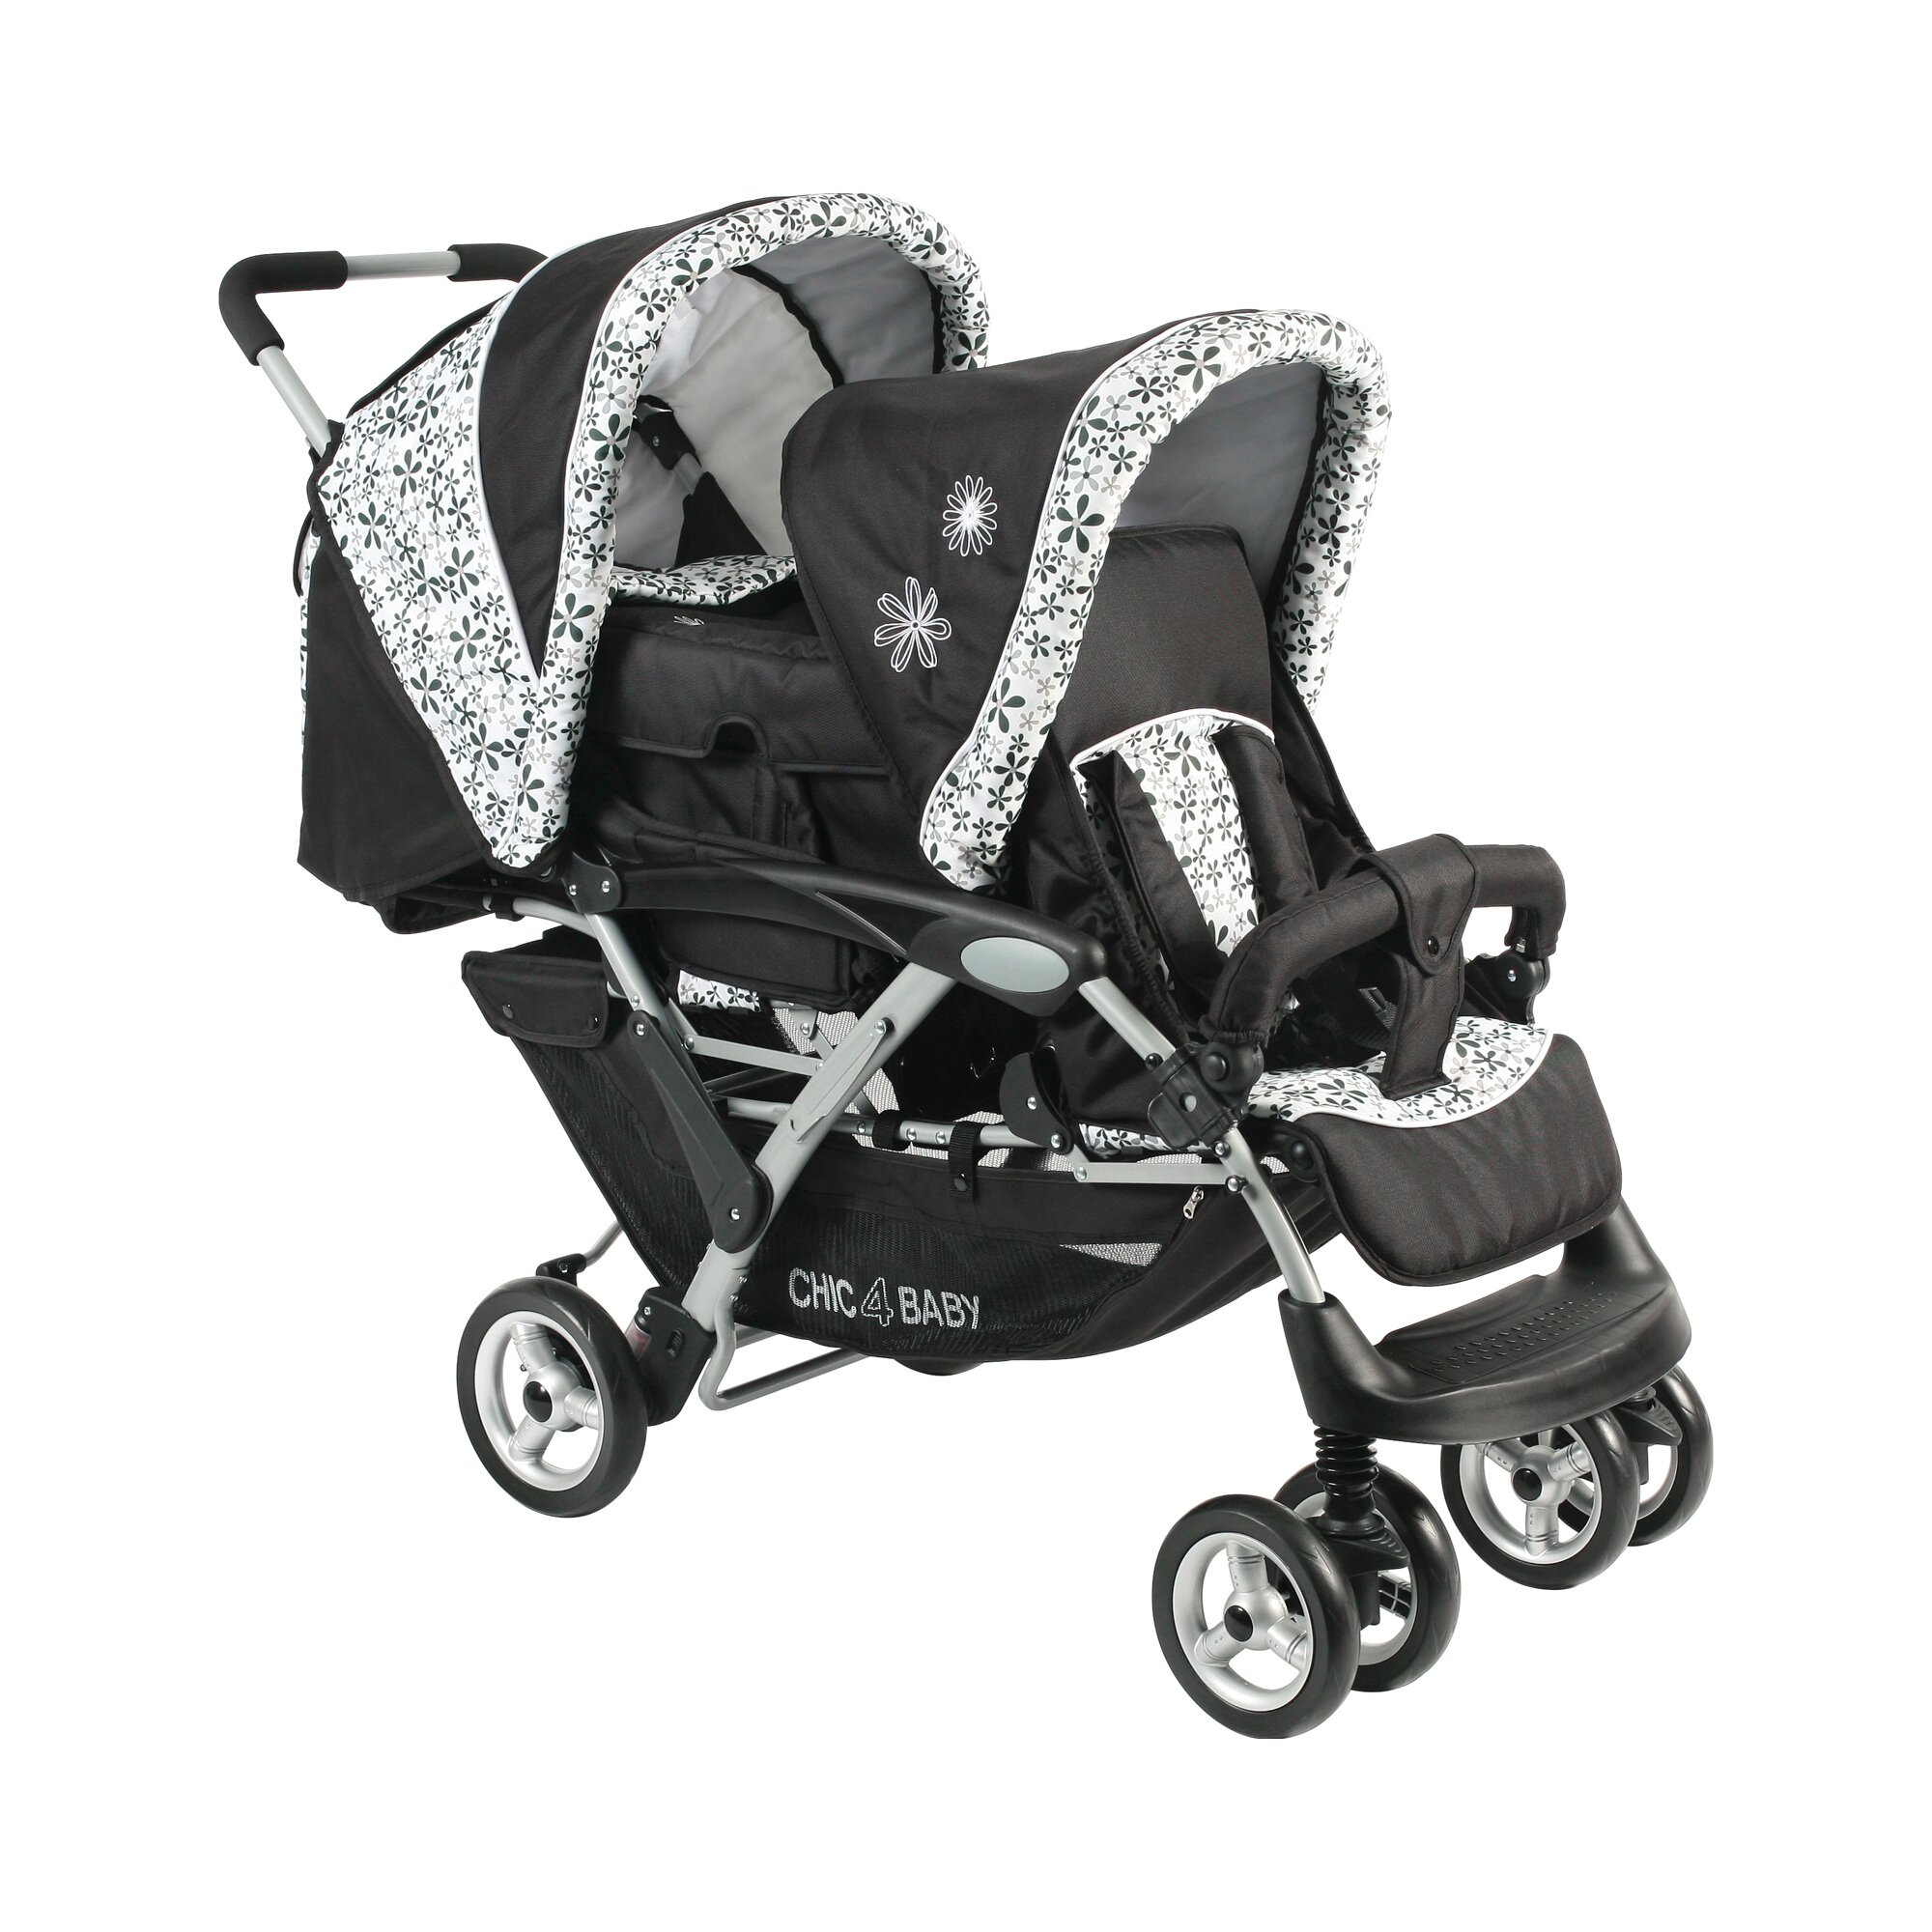 chic-4-baby-duo-zwillings-und-kinderwagen-geschwisterwagen-mit-tragetasche-mehrfarbig, 242.99 EUR @ babywalz-de